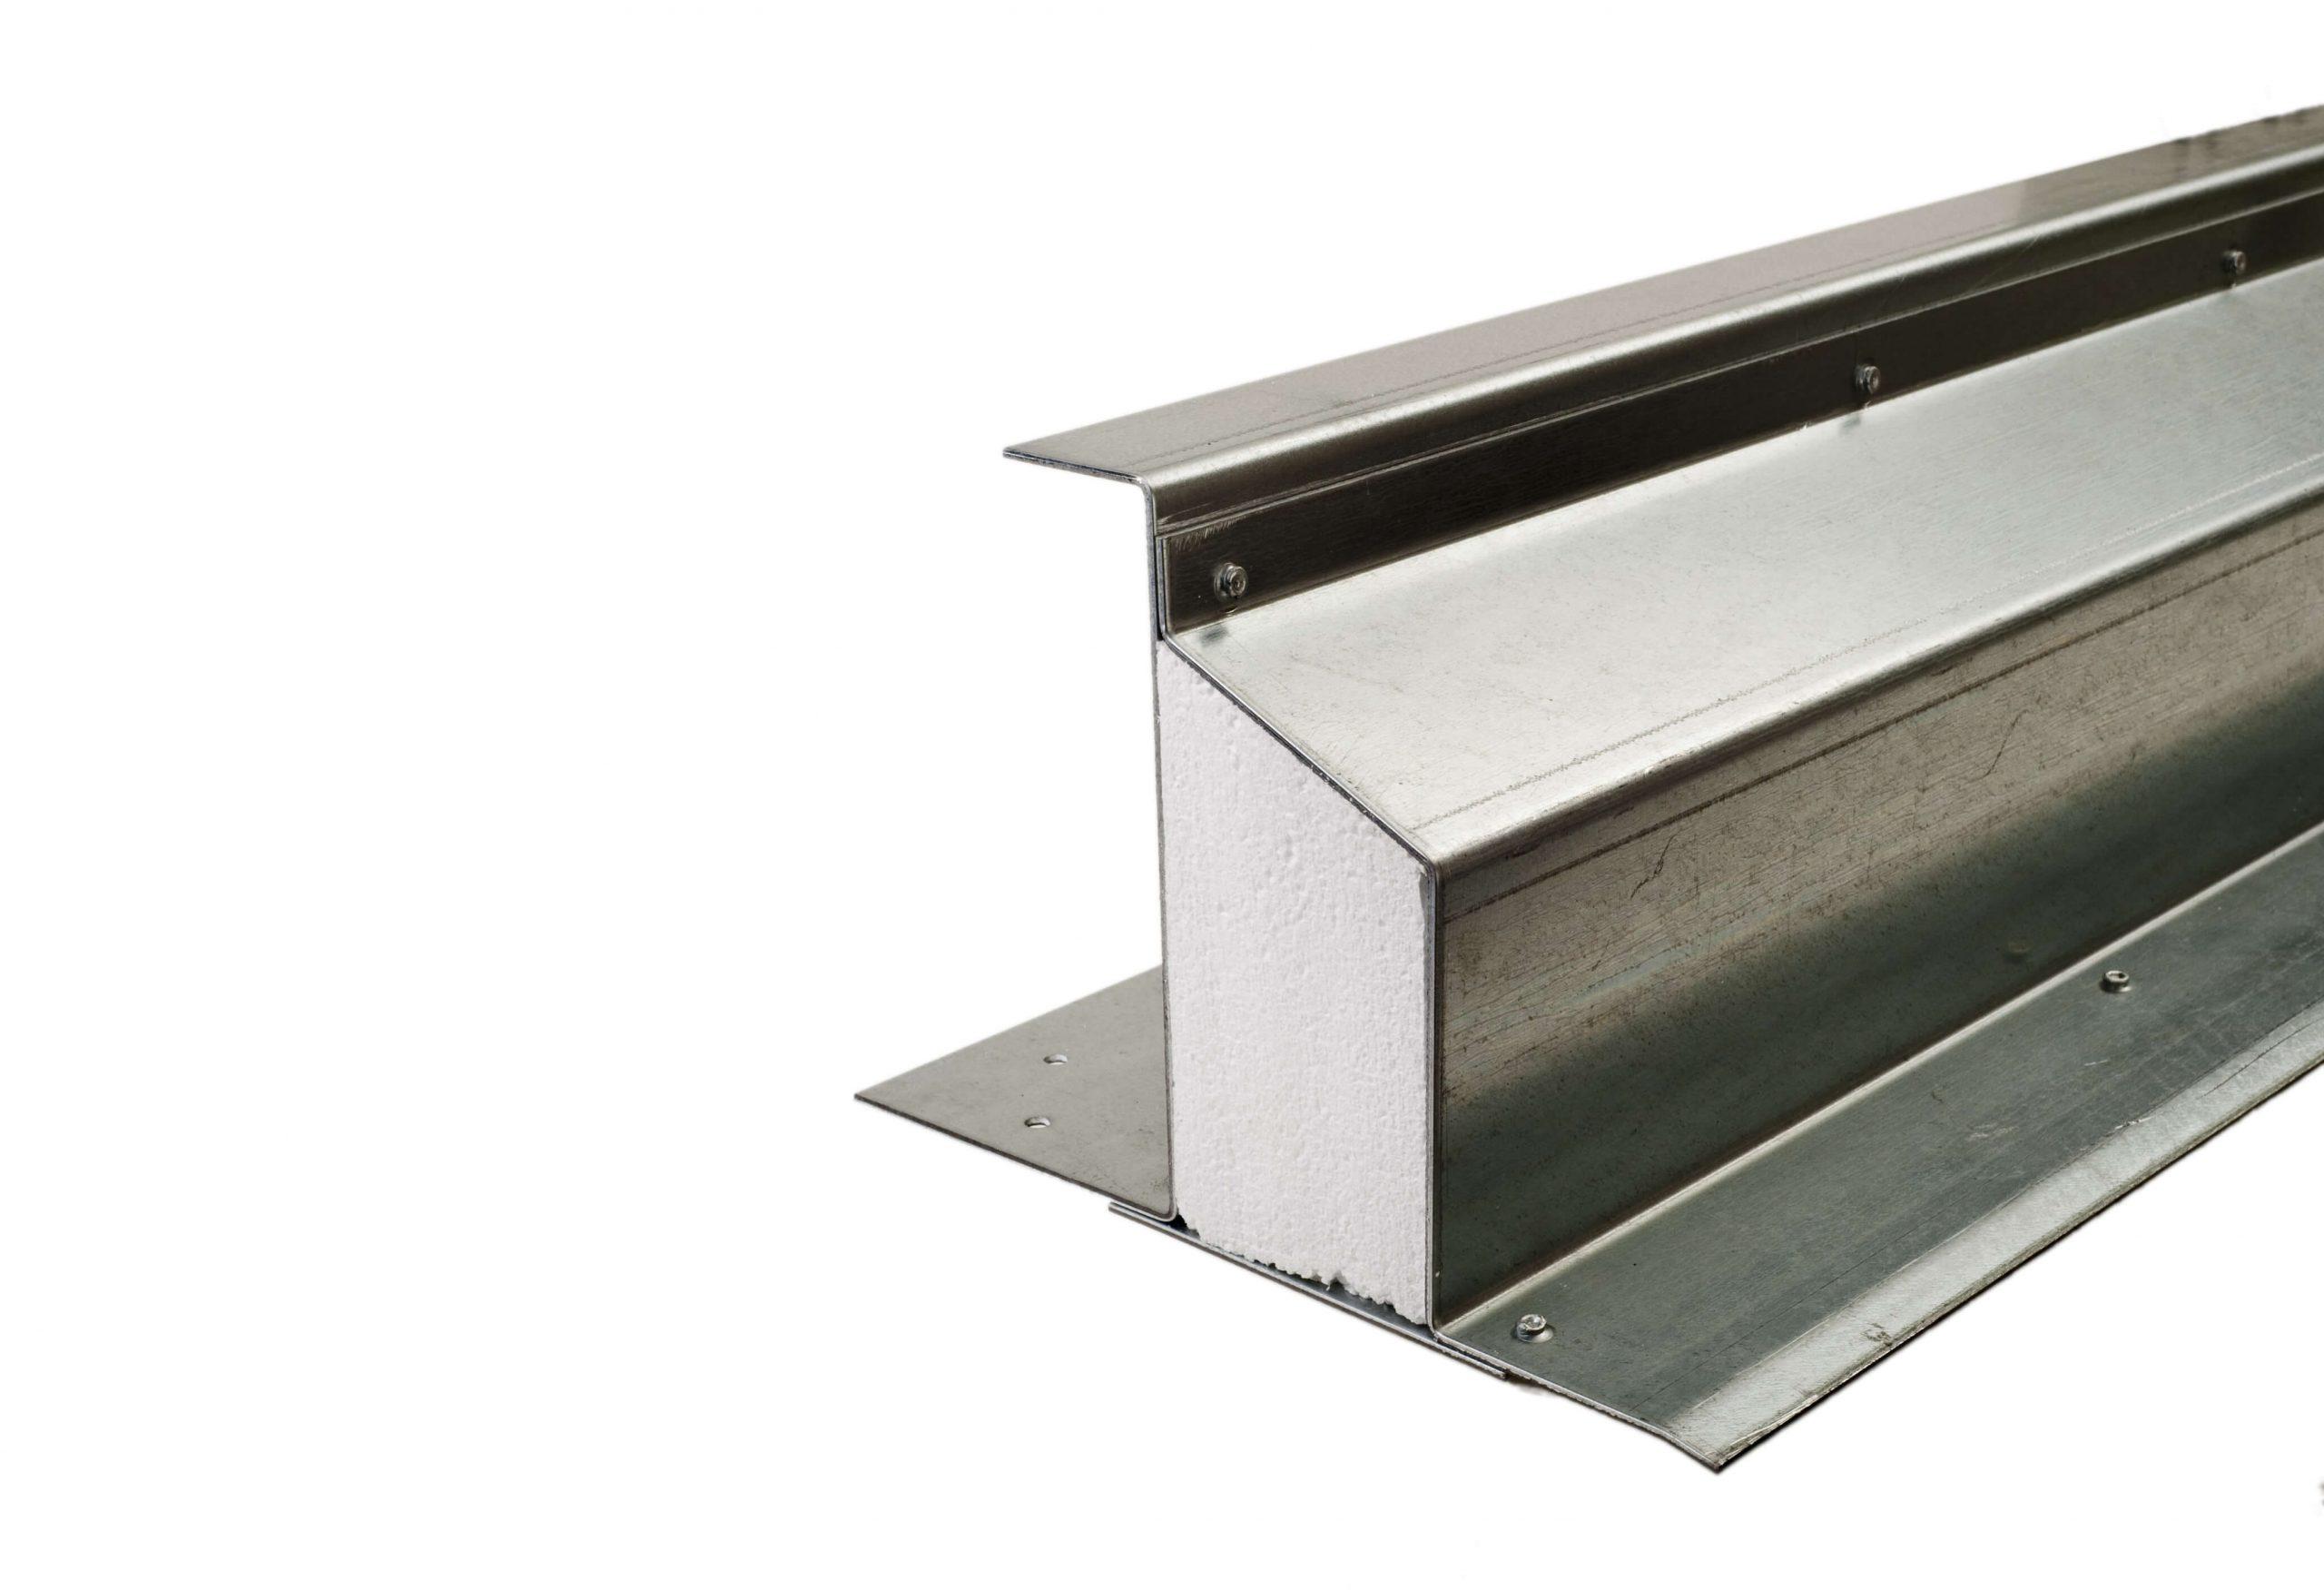 Catnic CX90/100 | IG L5/100 | Birtley HD90 | Keystone CFS/K-90